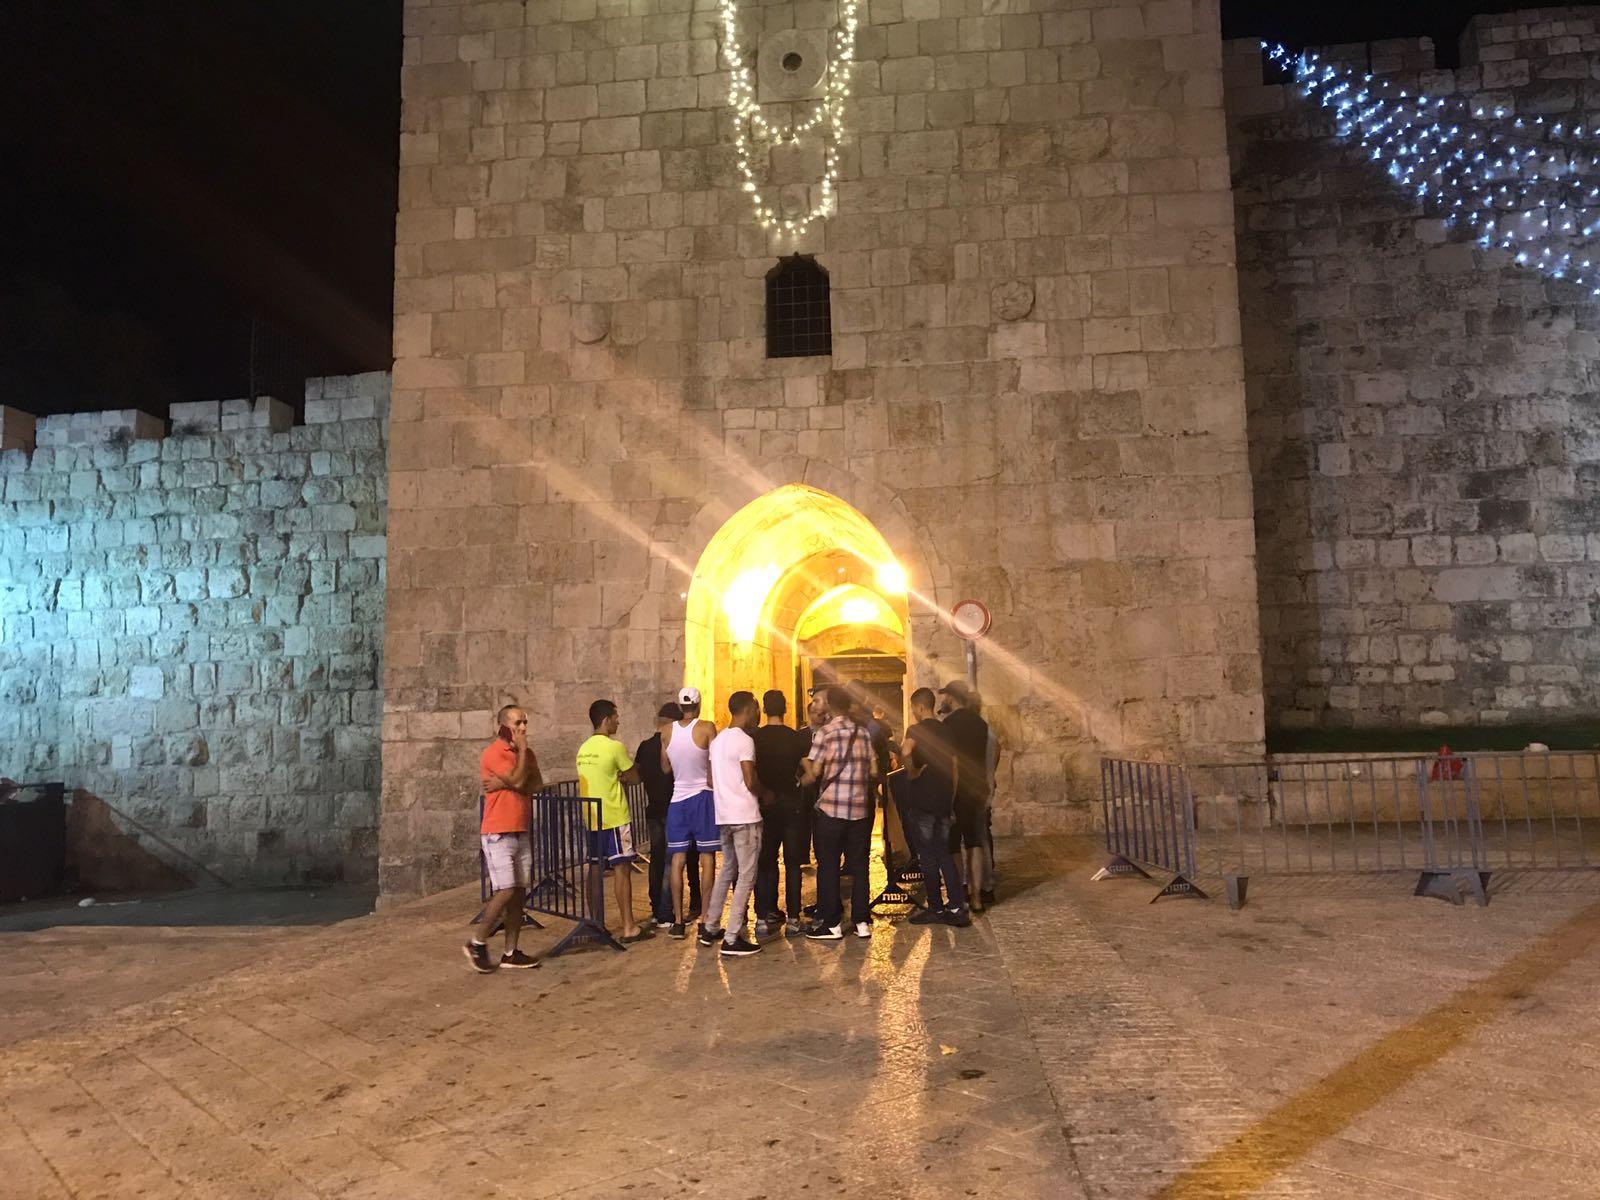 مواجهات مع الاحتلال في باب الأسباط والمرجعيات المقدسية تعقد جلسة طارئة